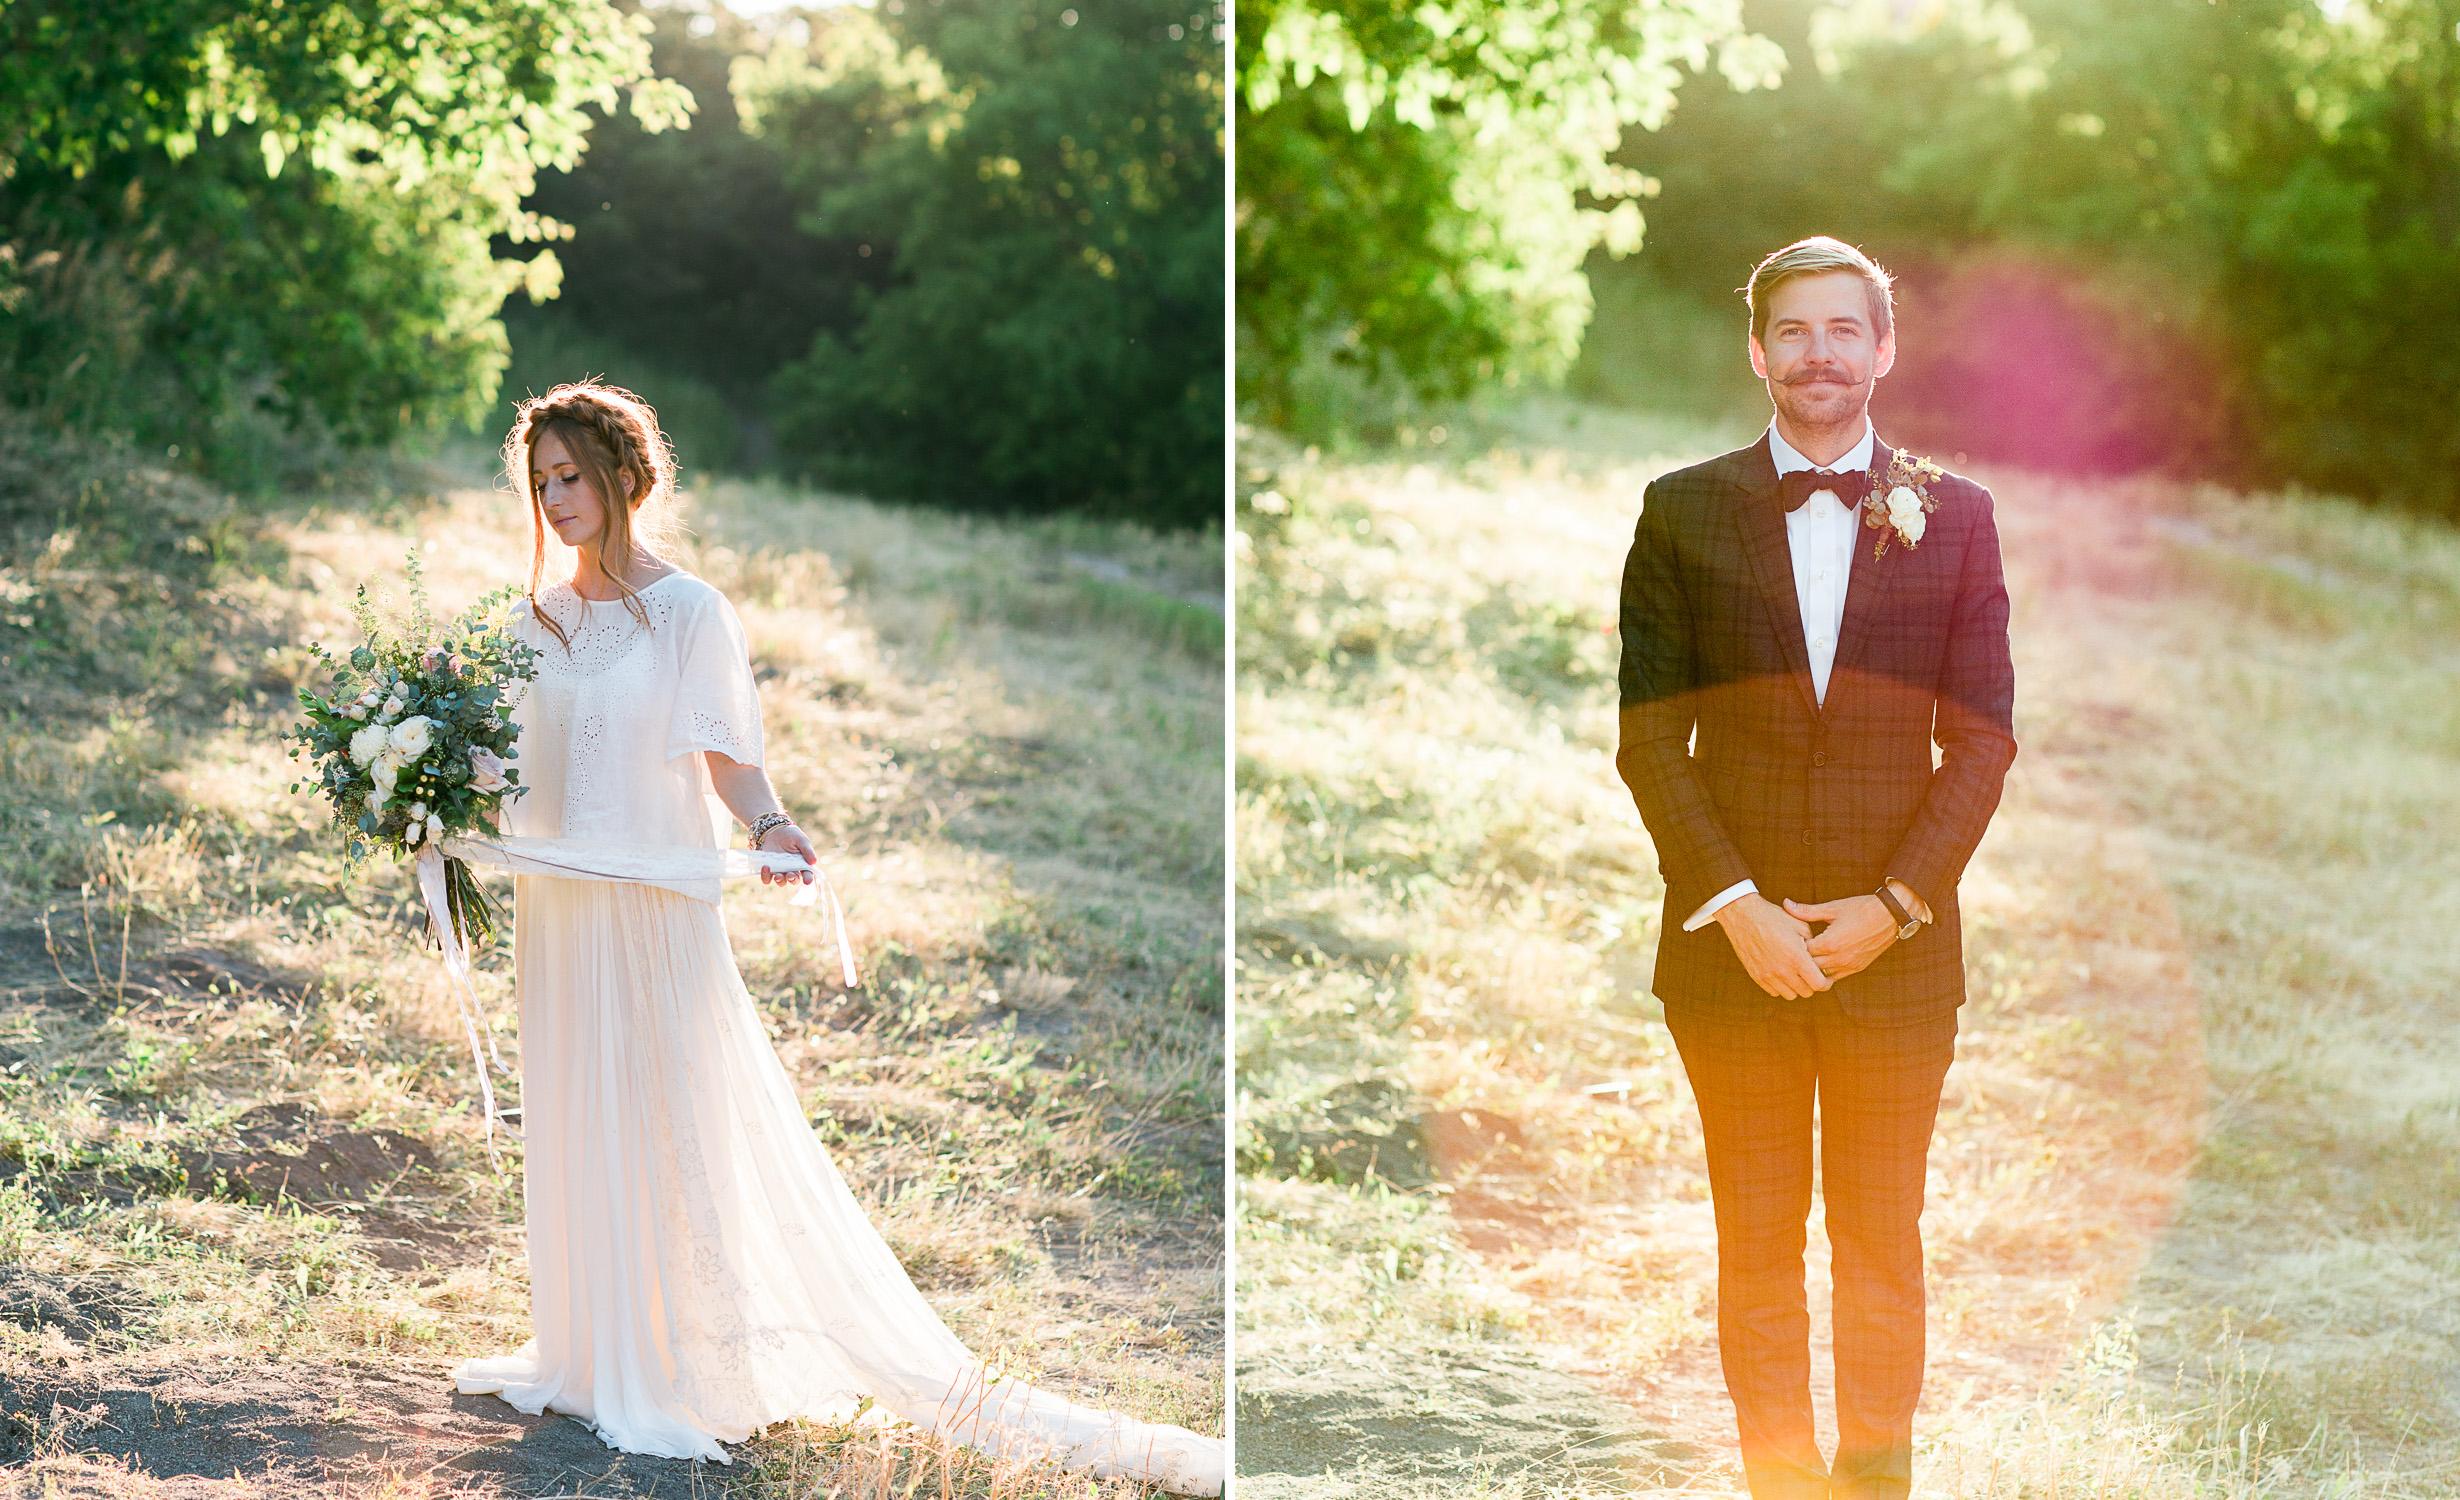 Salt-Lake-City-Utah-Wedding-03.jpg